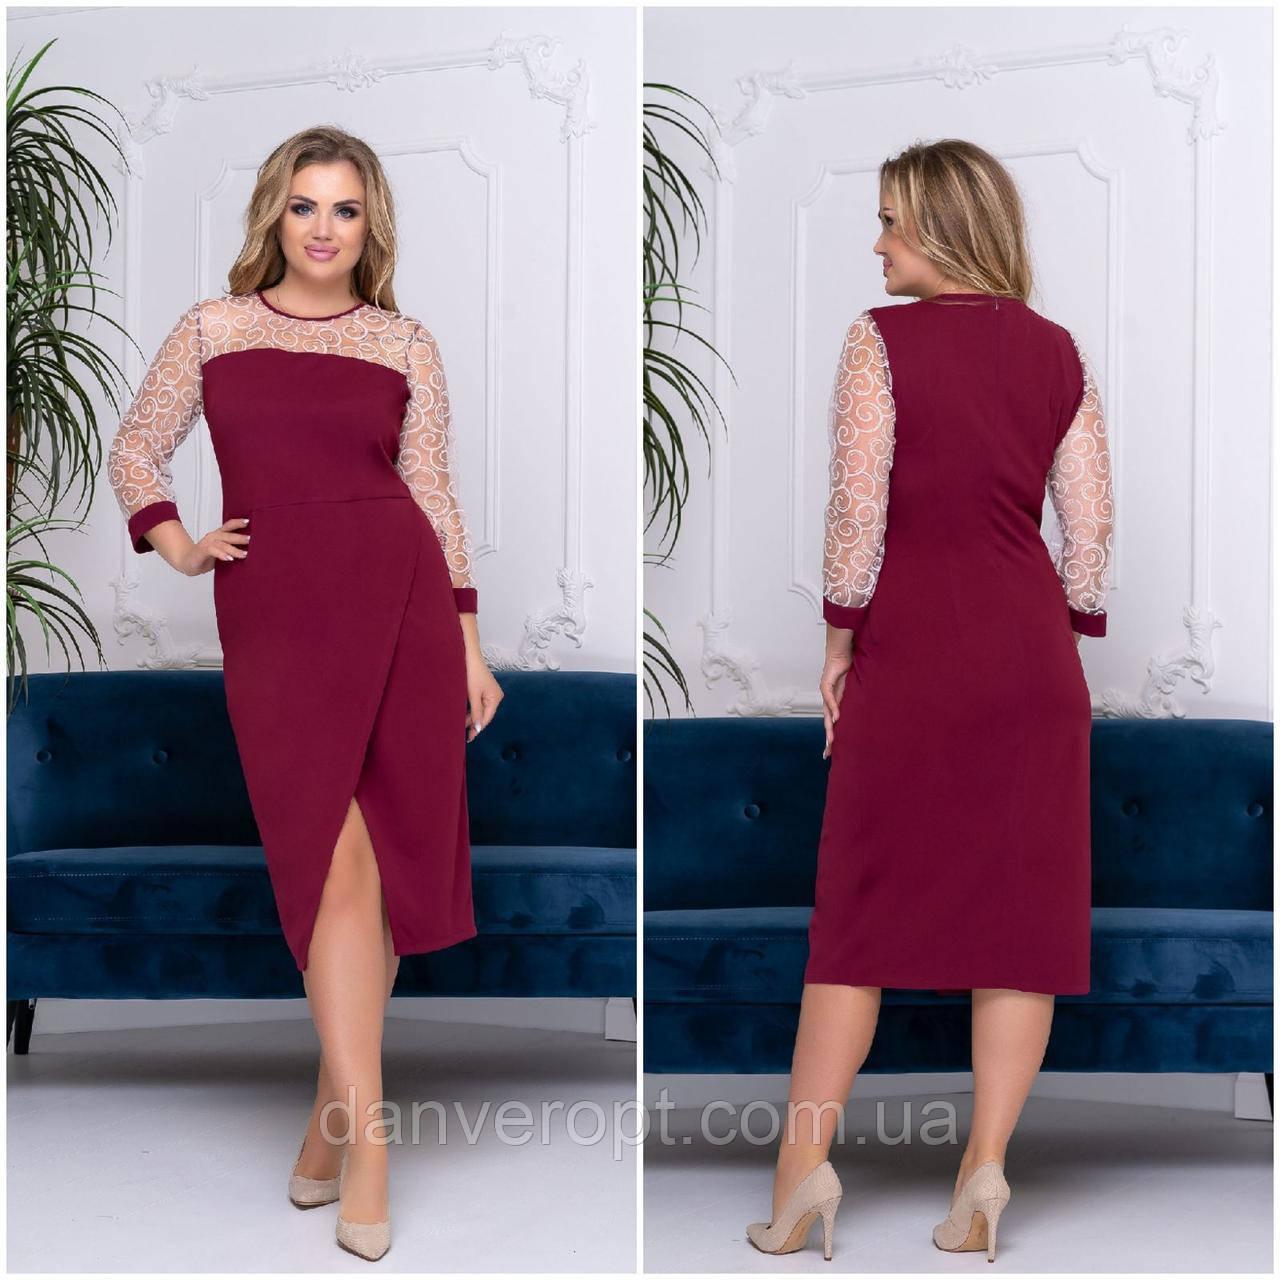 Платье женское стильное праздничное размер 48-54 купить оптом со склада 7км Одесса